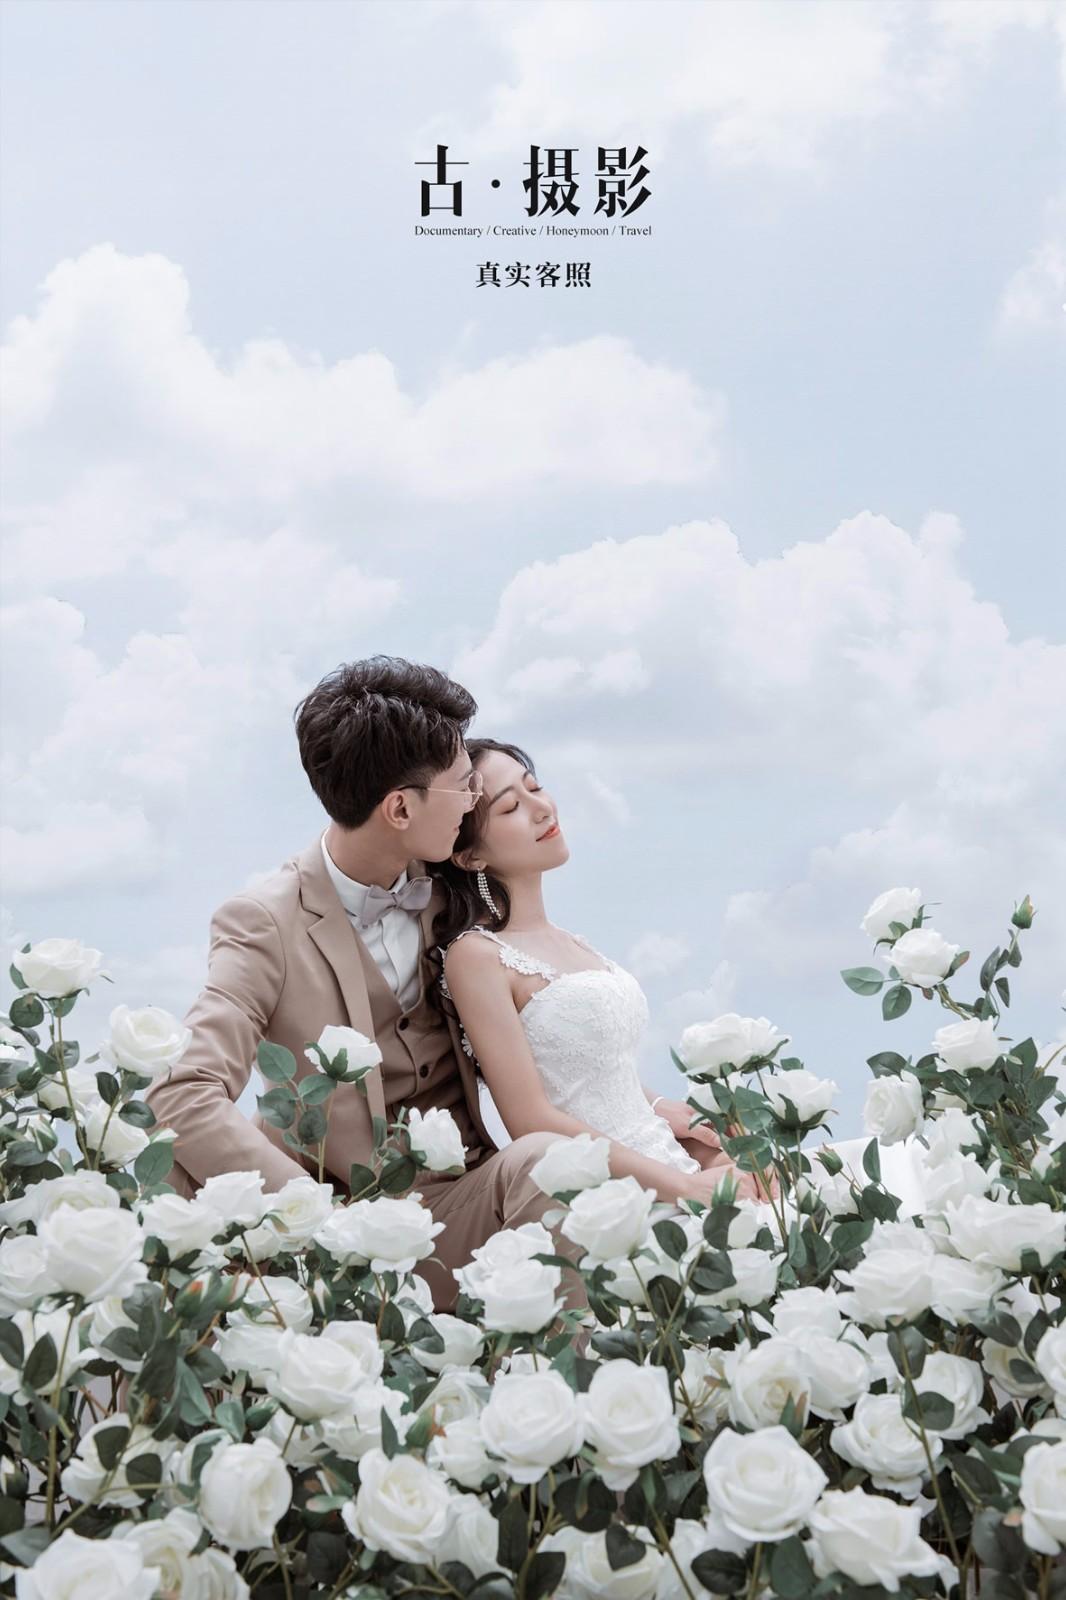 郭先生 叶小姐 - 每日客照 - 广州婚纱摄影-广州古摄影官网